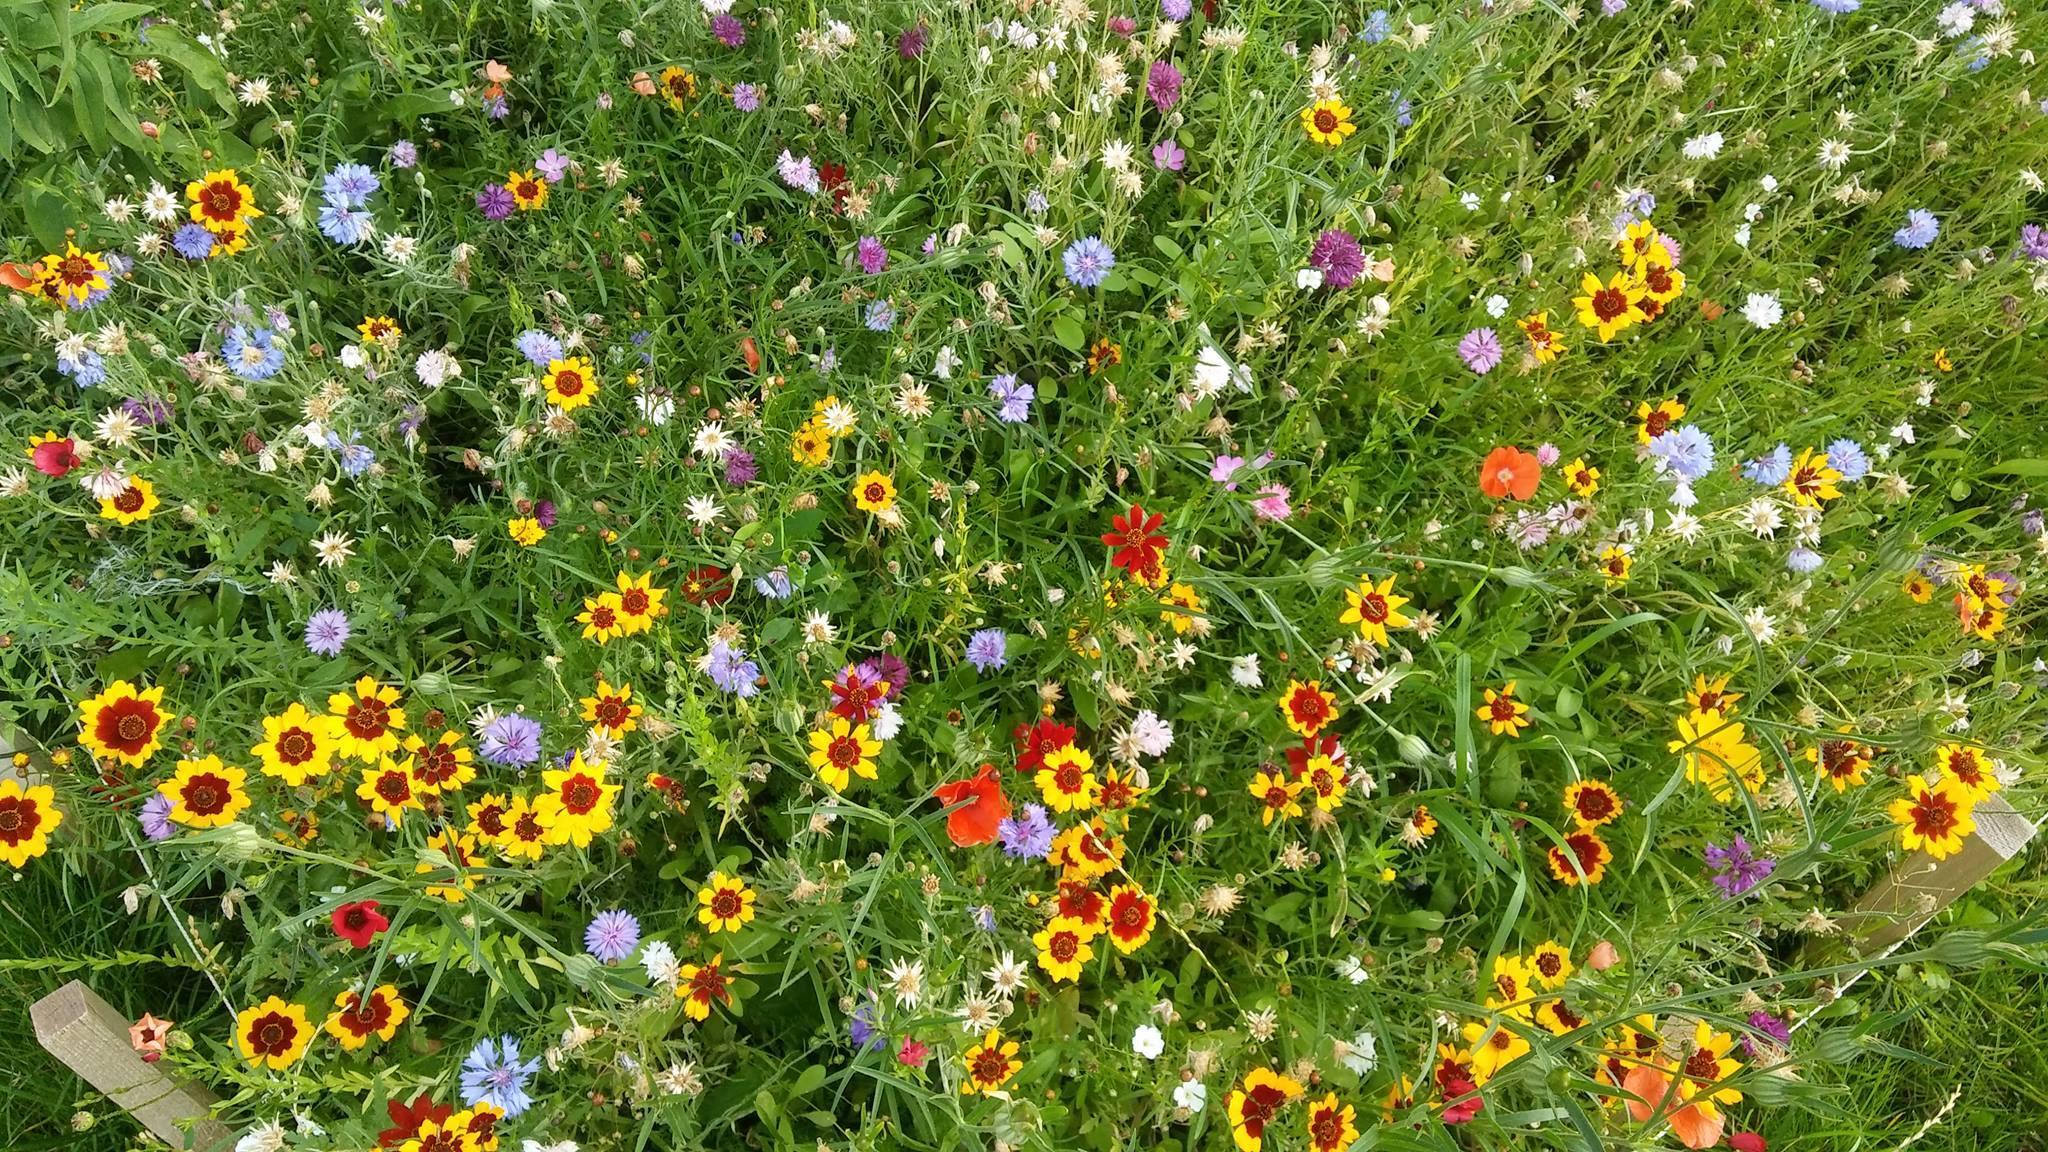 Motýle a včely chcú žiť v meste, na uzde ich držia iba naše estetické preferencie, hovorí odborník na hmyz